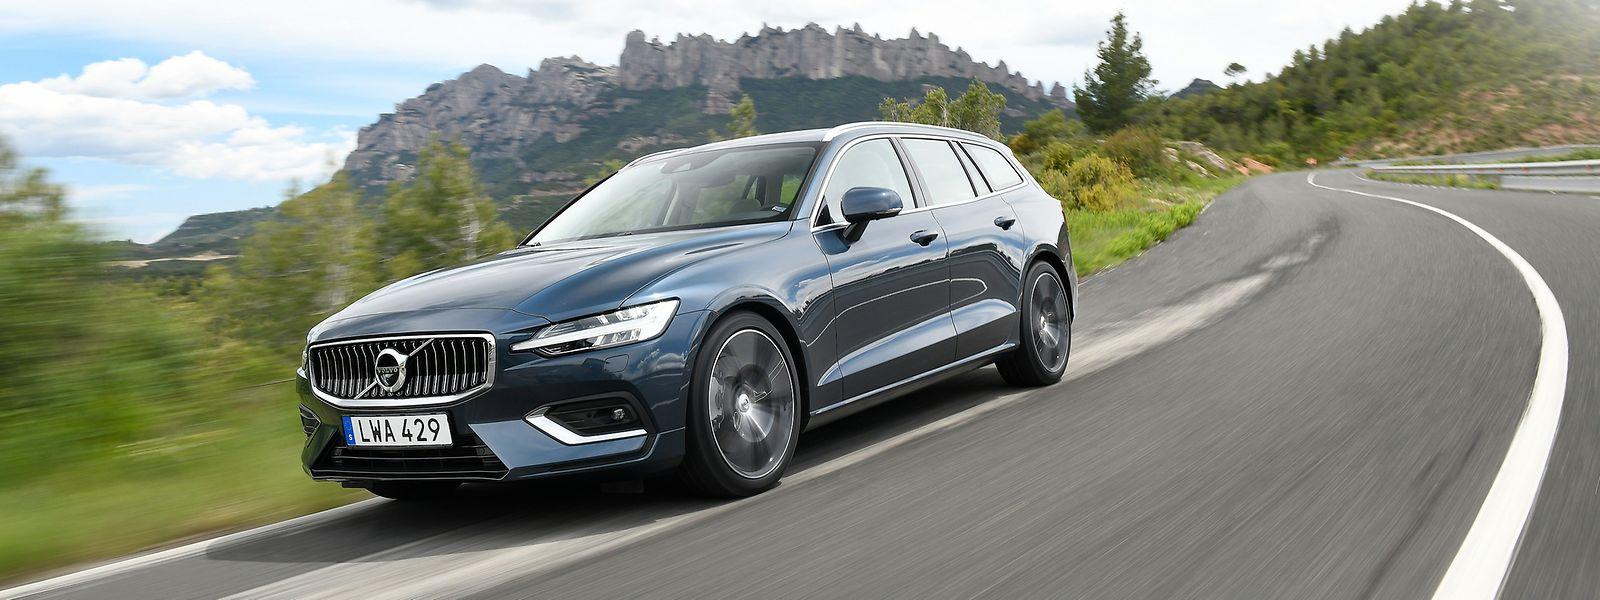 Die Neuauflage des Volvo V60 haben die Schweden leidenschaftlicher gezeichnet und ihrem fünftürigen Familienkombi einen athletischeren und eleganteren Auftritt verpasst.